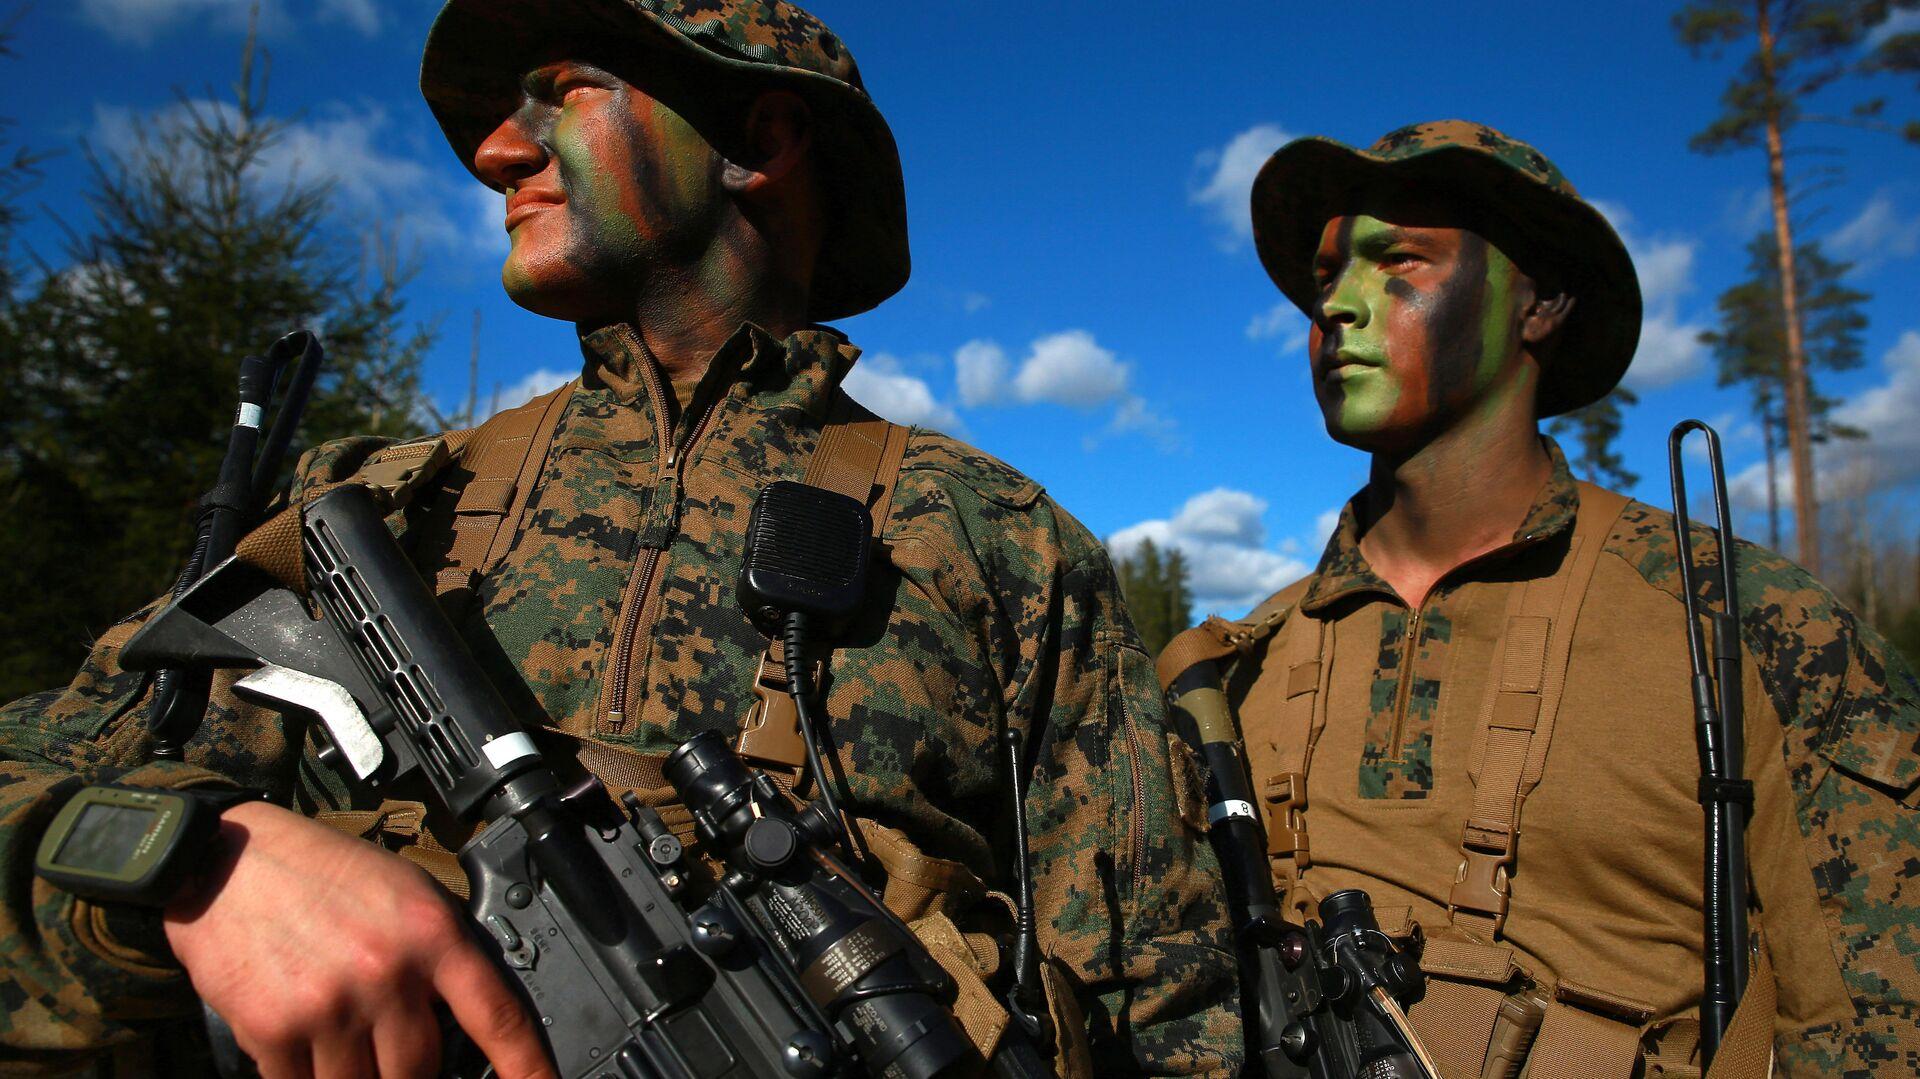 Военнослужащие армии США во время совместных учений войск НАТО в Эстонии - РИА Новости, 1920, 20.01.2019